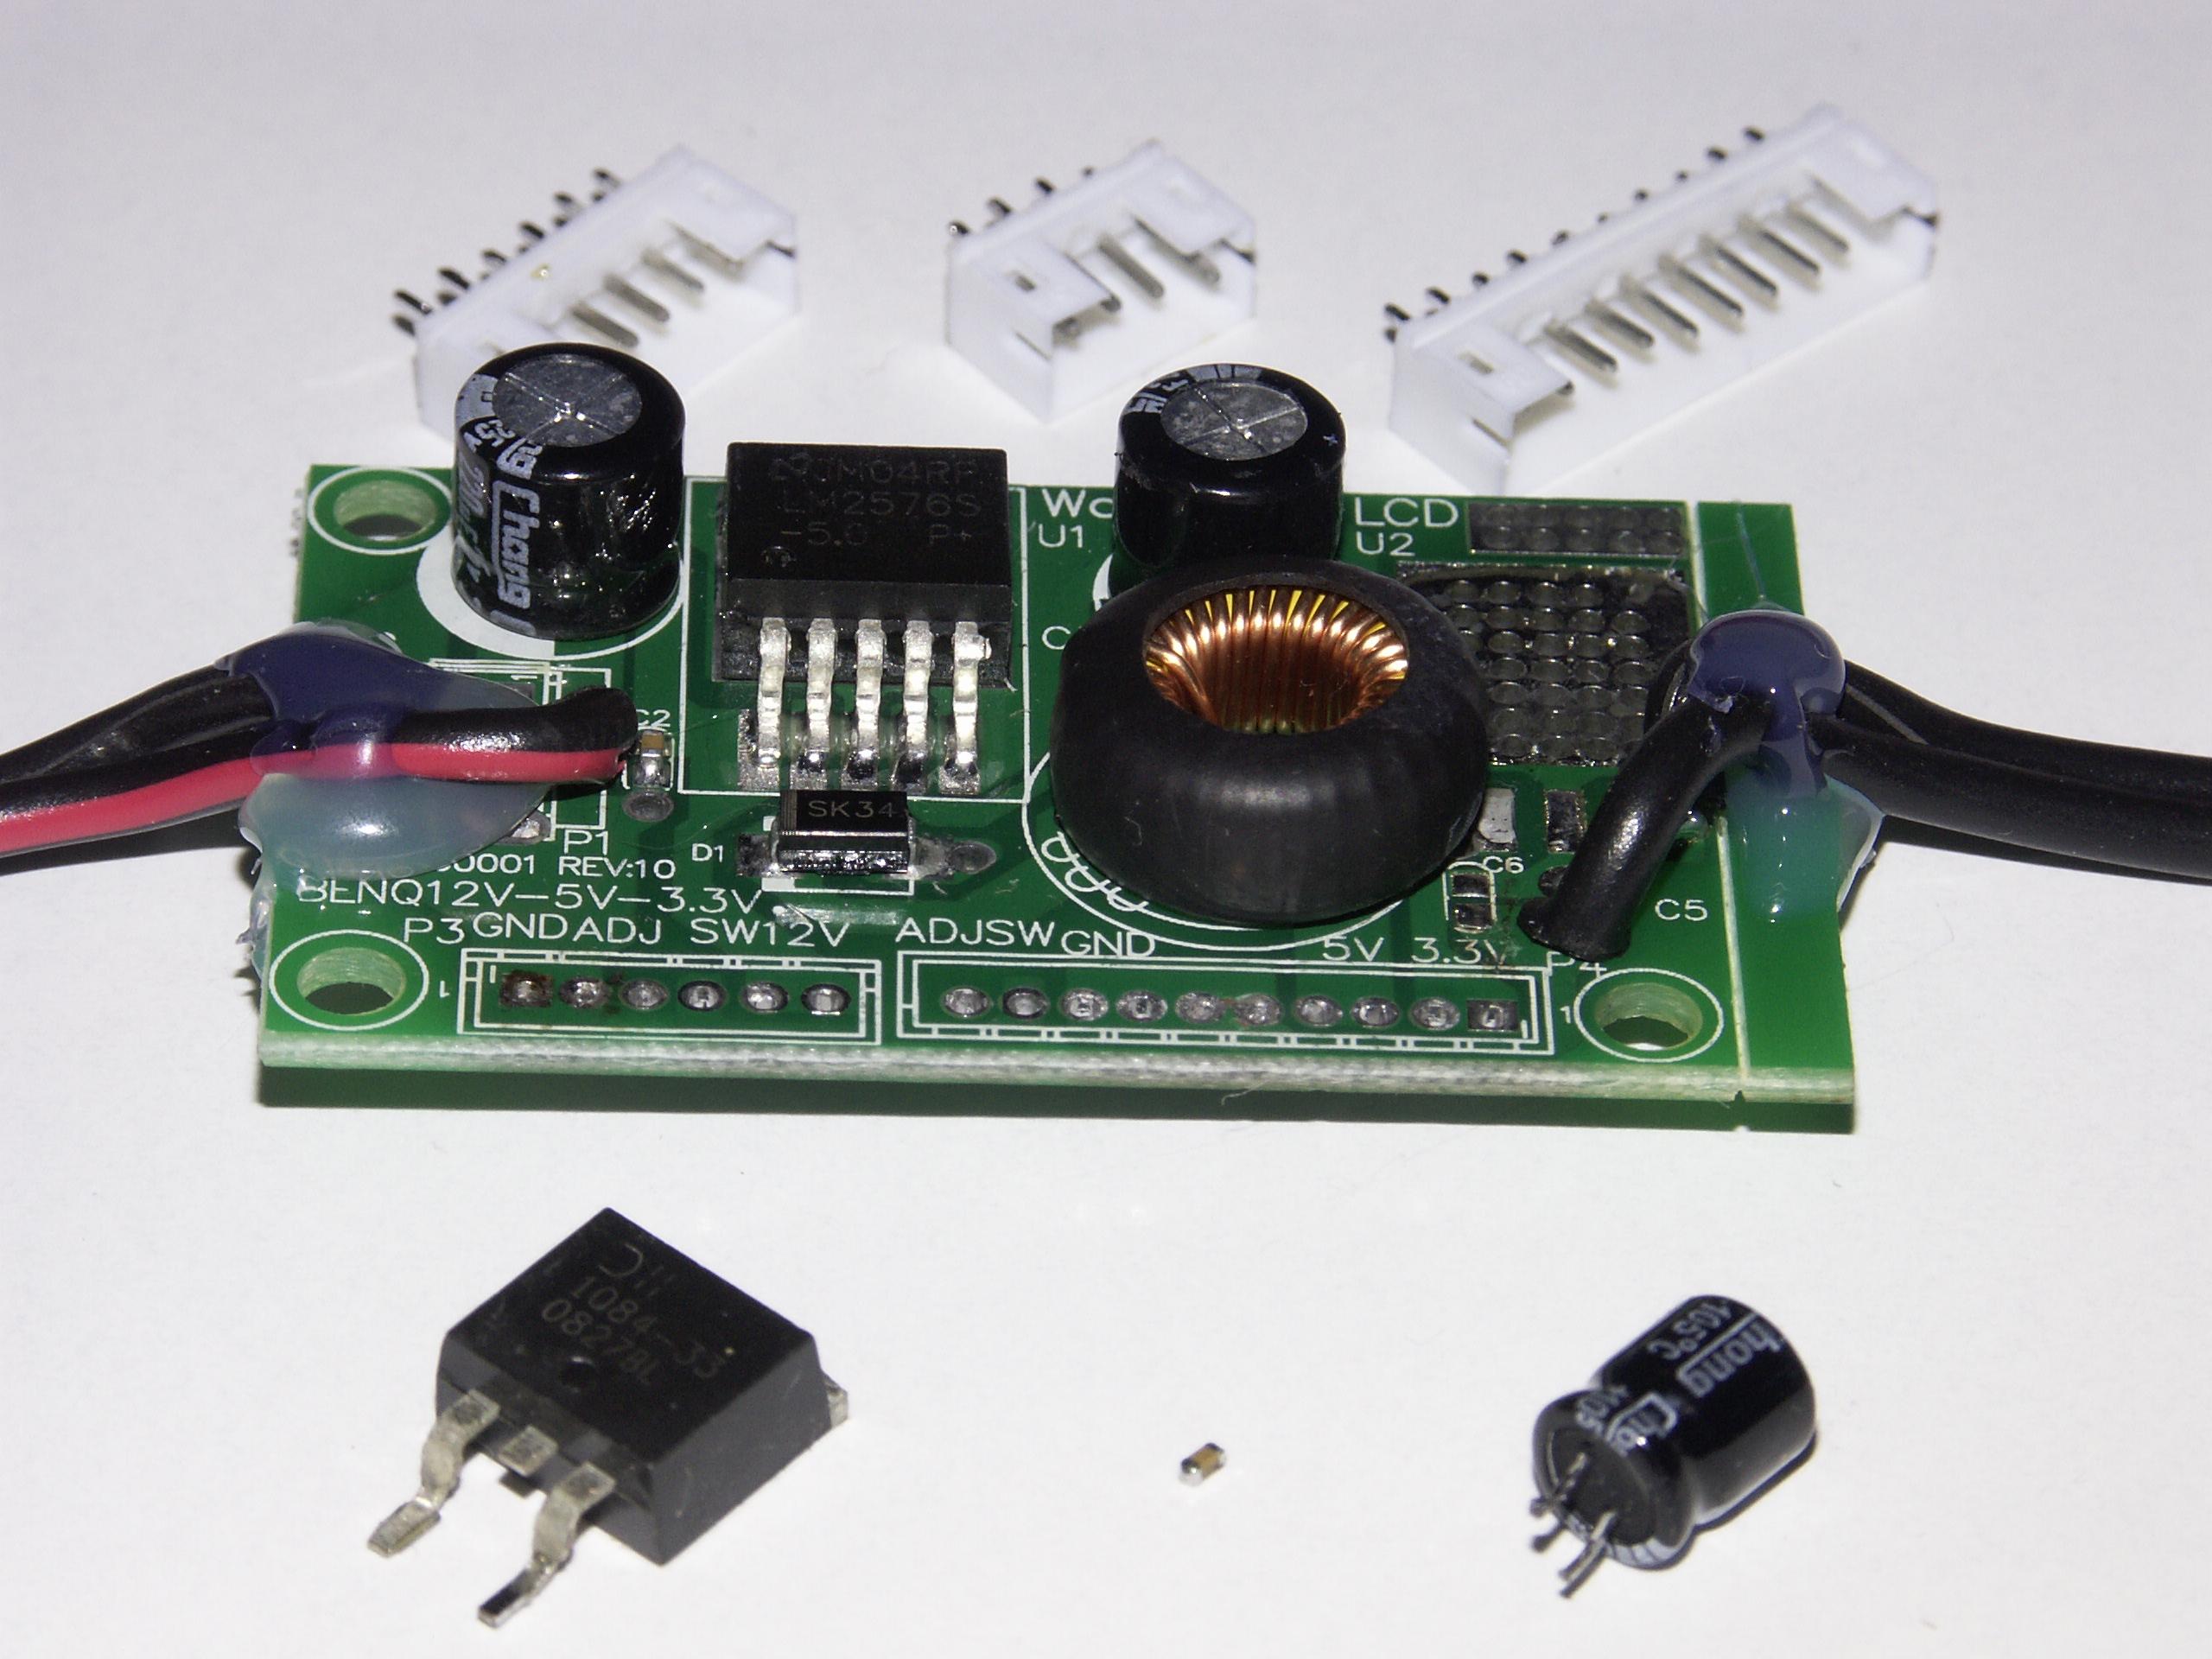 Benq Switching Power Supply